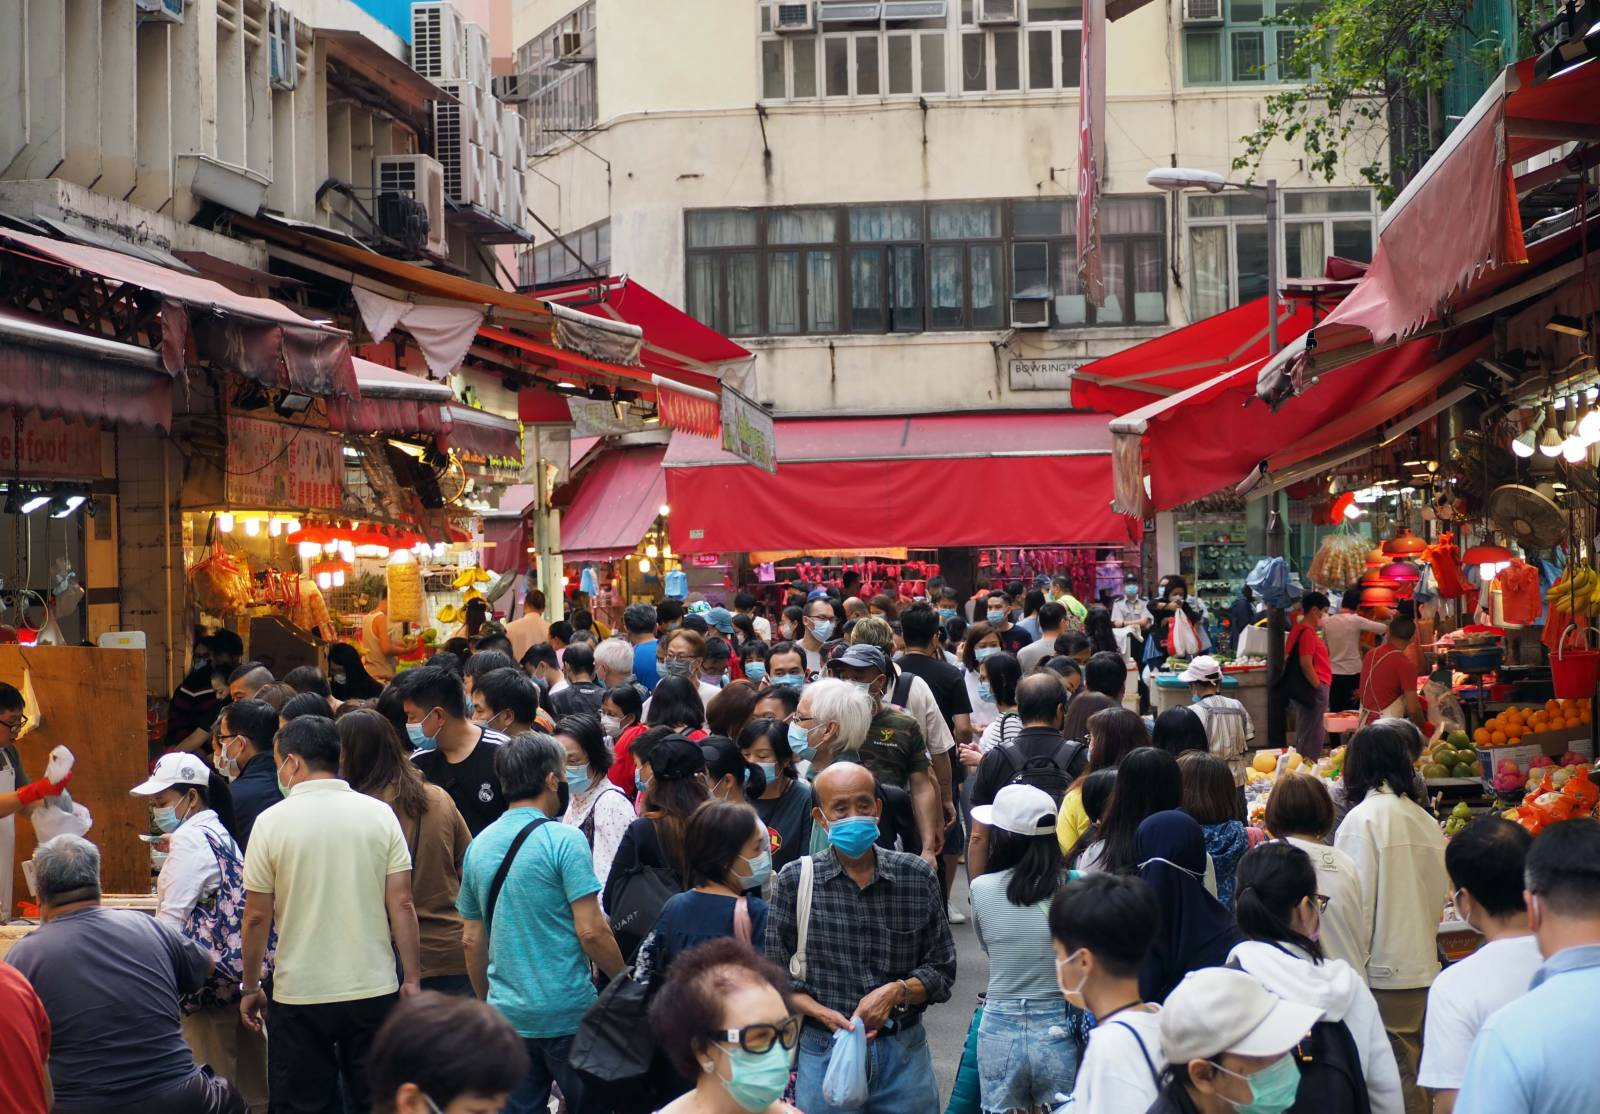 10月25日逢重陽節小長假,香港市民出外消遣度假。灣仔街市擠得水洩不通,市民紛紛選購各種食材過節。(香港中通社圖片)